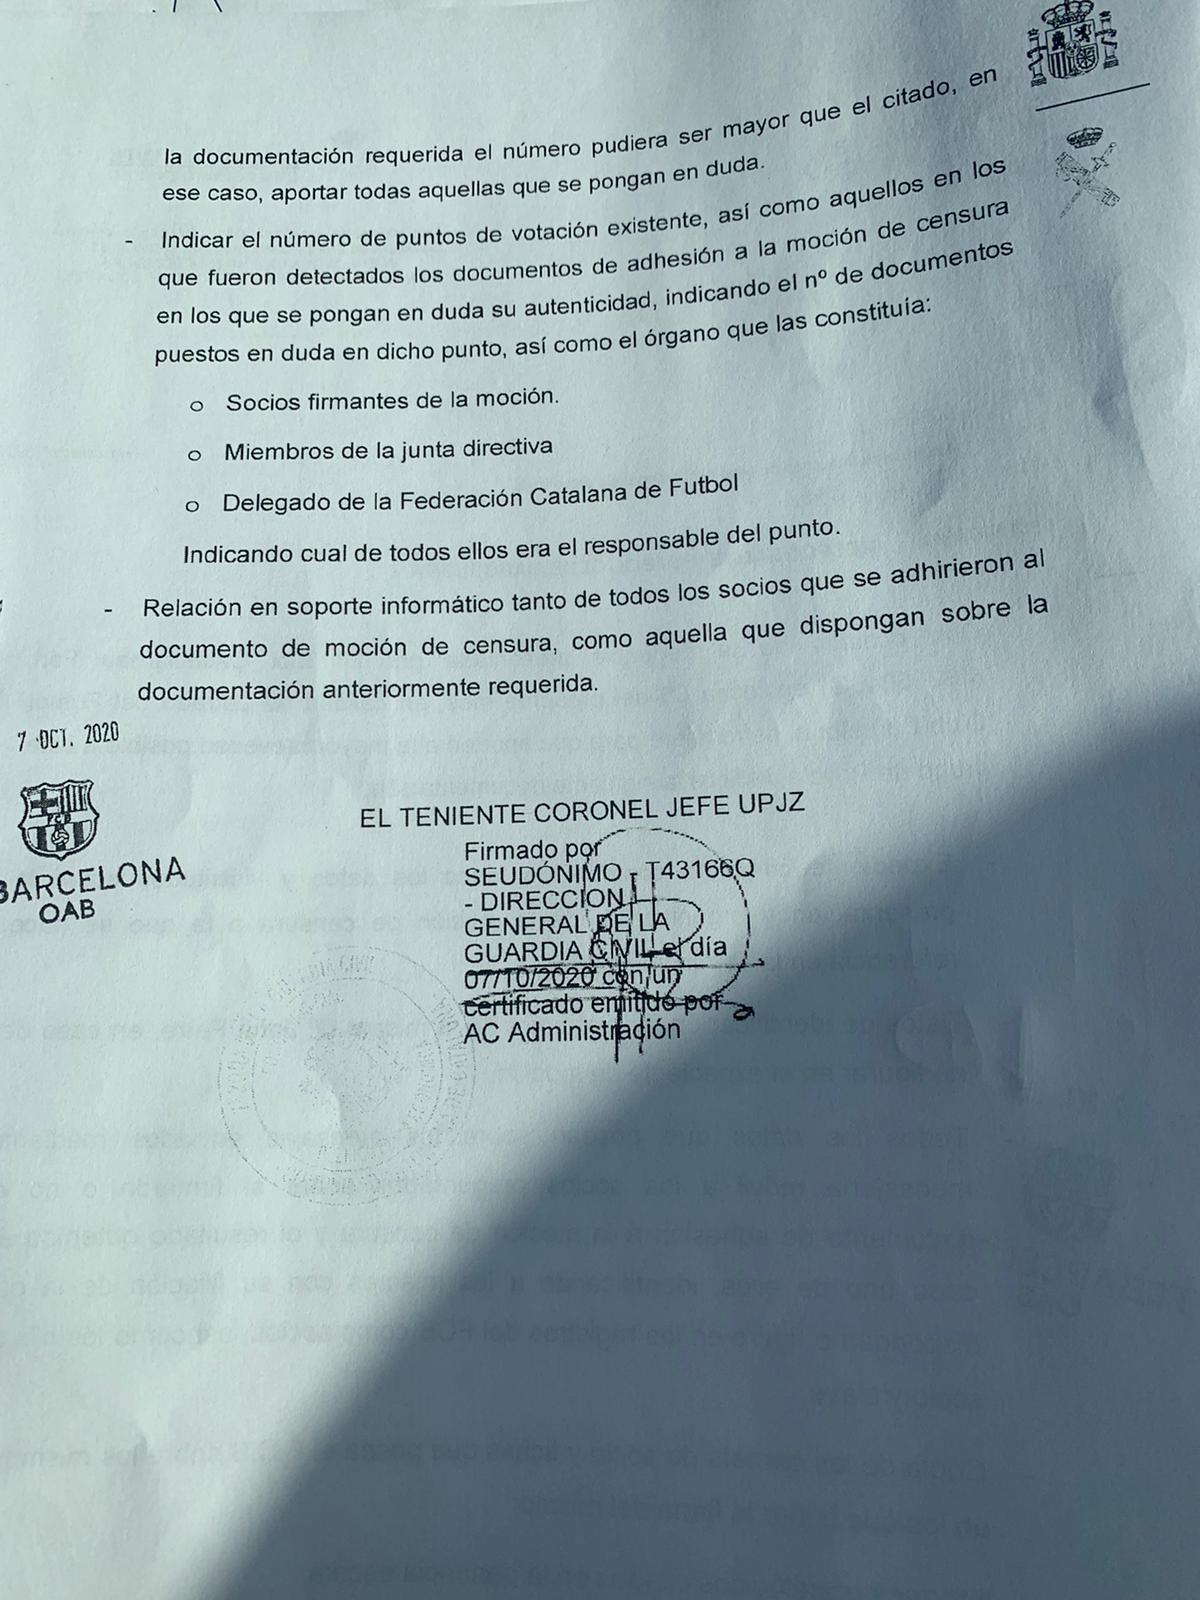 Segona pàgina de l'escrit de Daniel Baena, responsable de la Unitat de Policia Judicial de Barcelona, al Barça